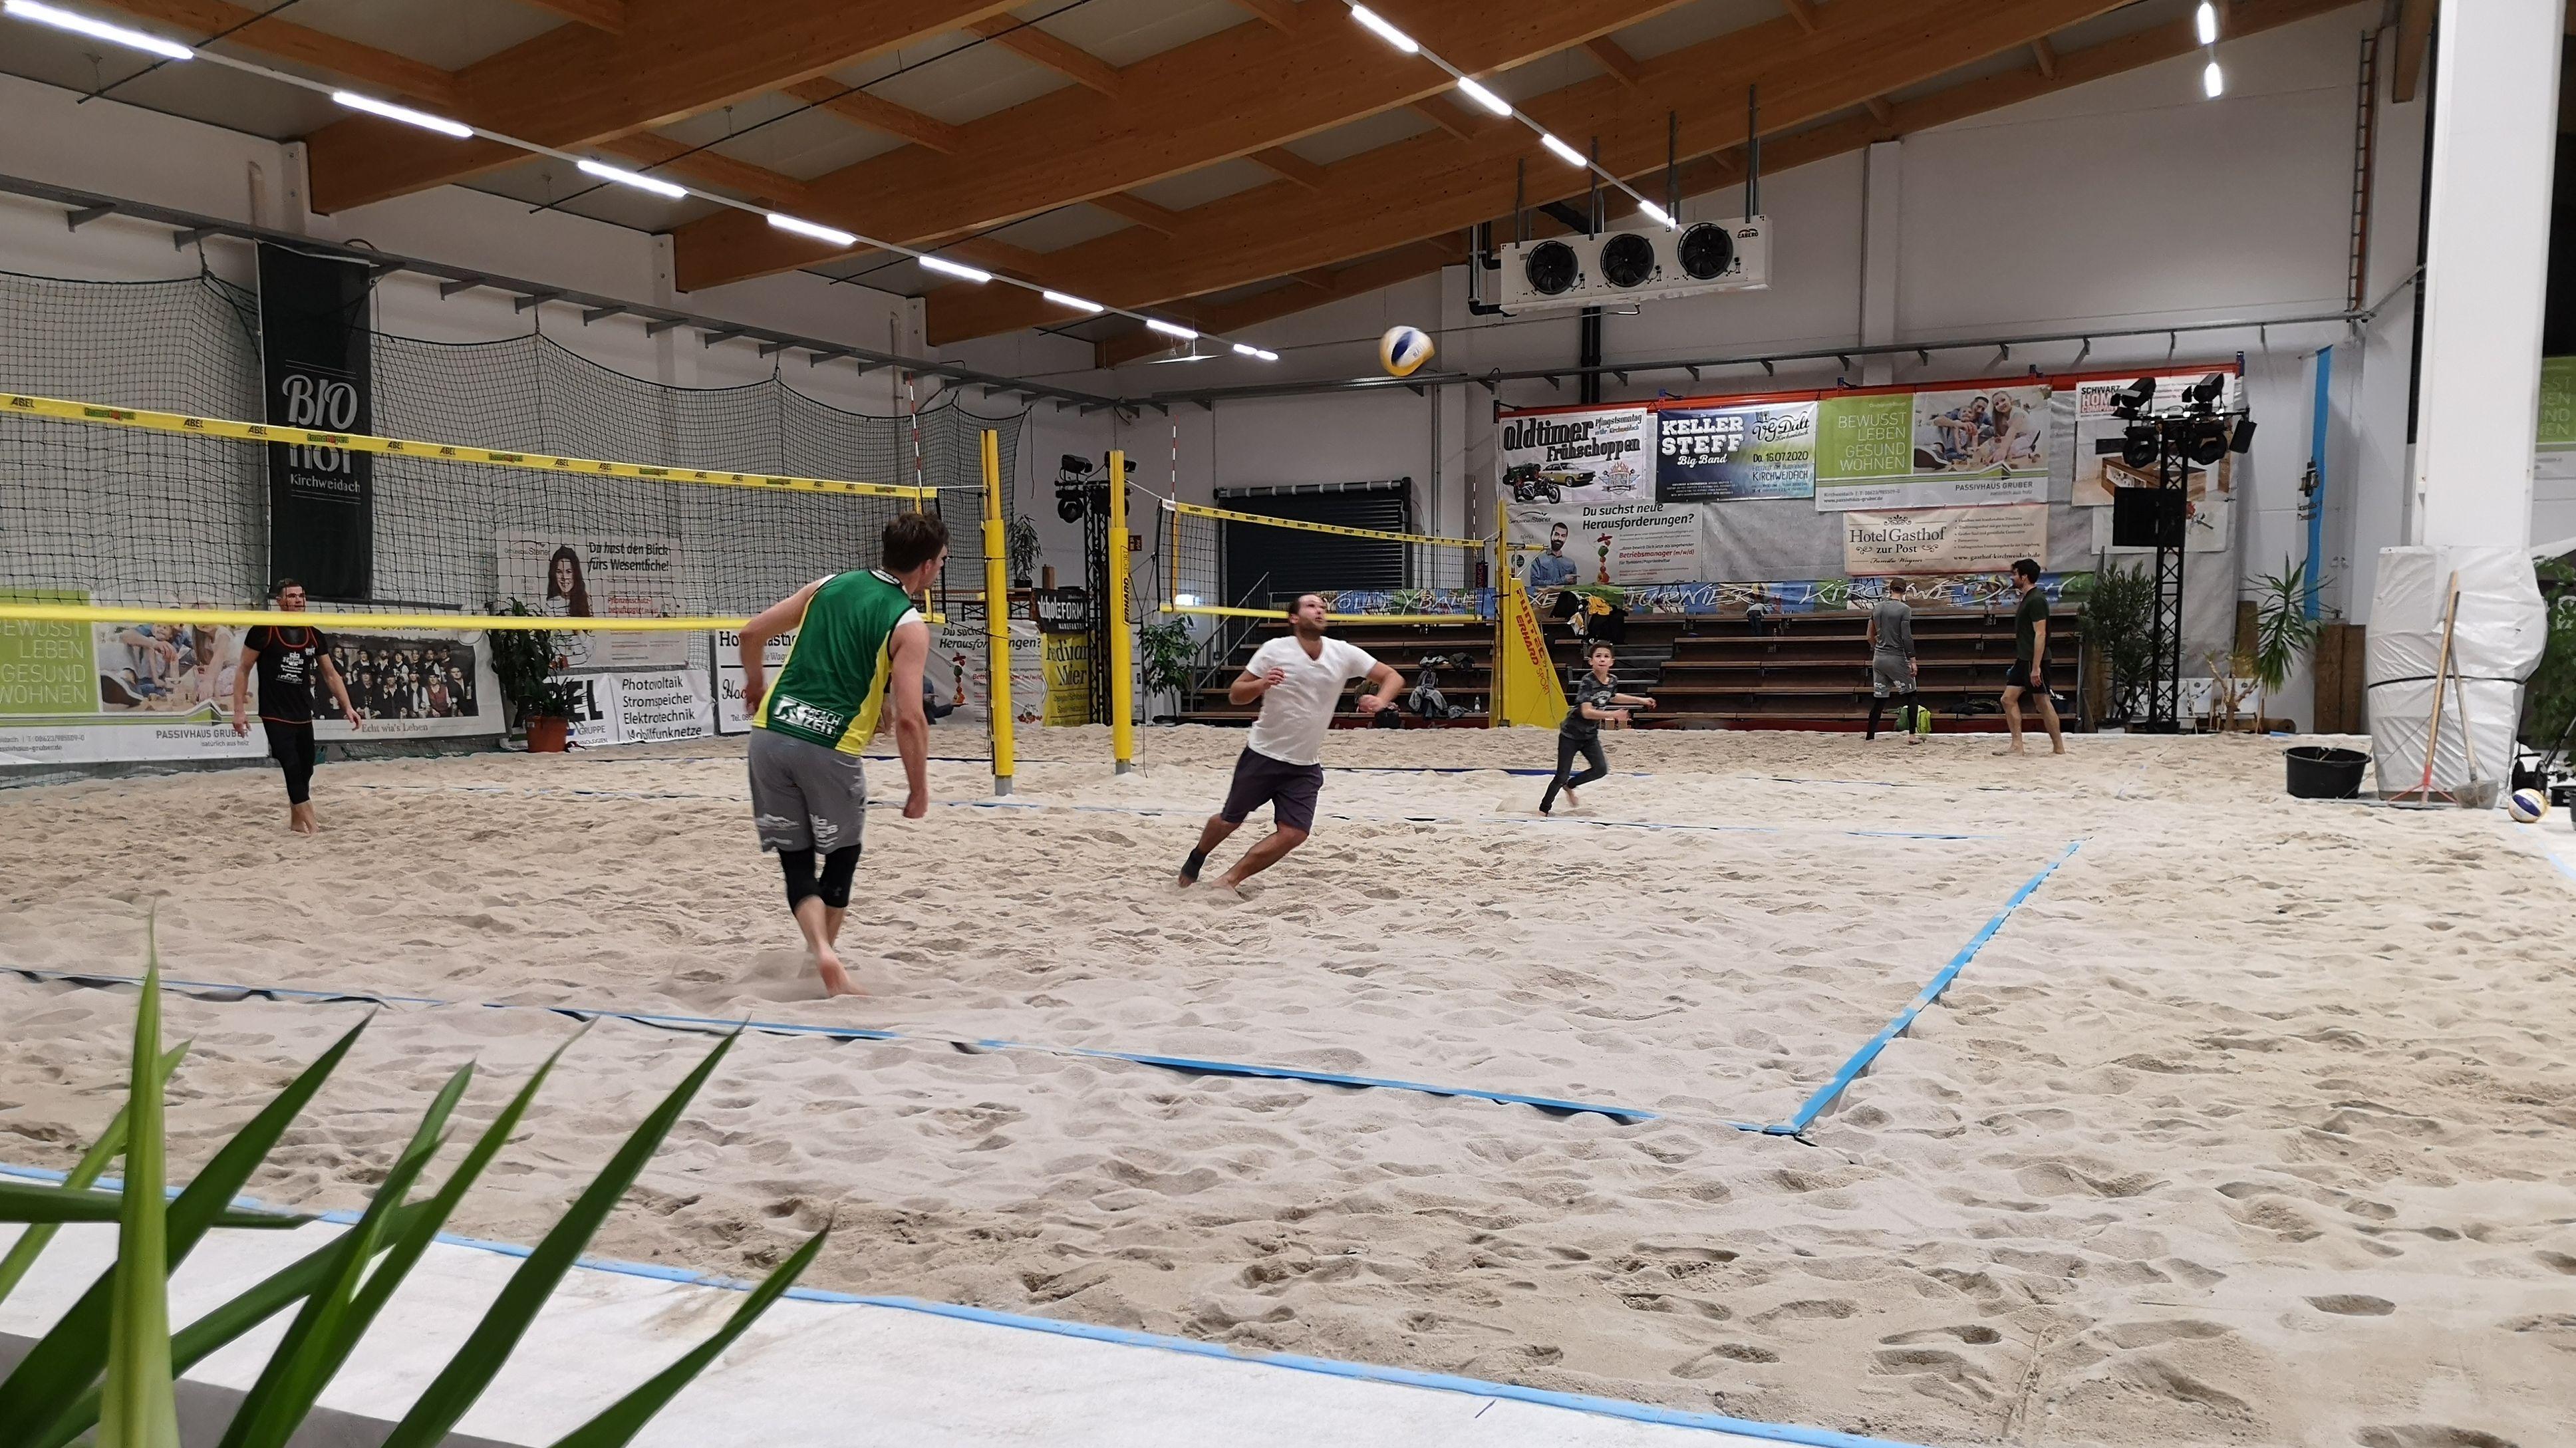 Beachvolleyball-Spieler spielen im Sand